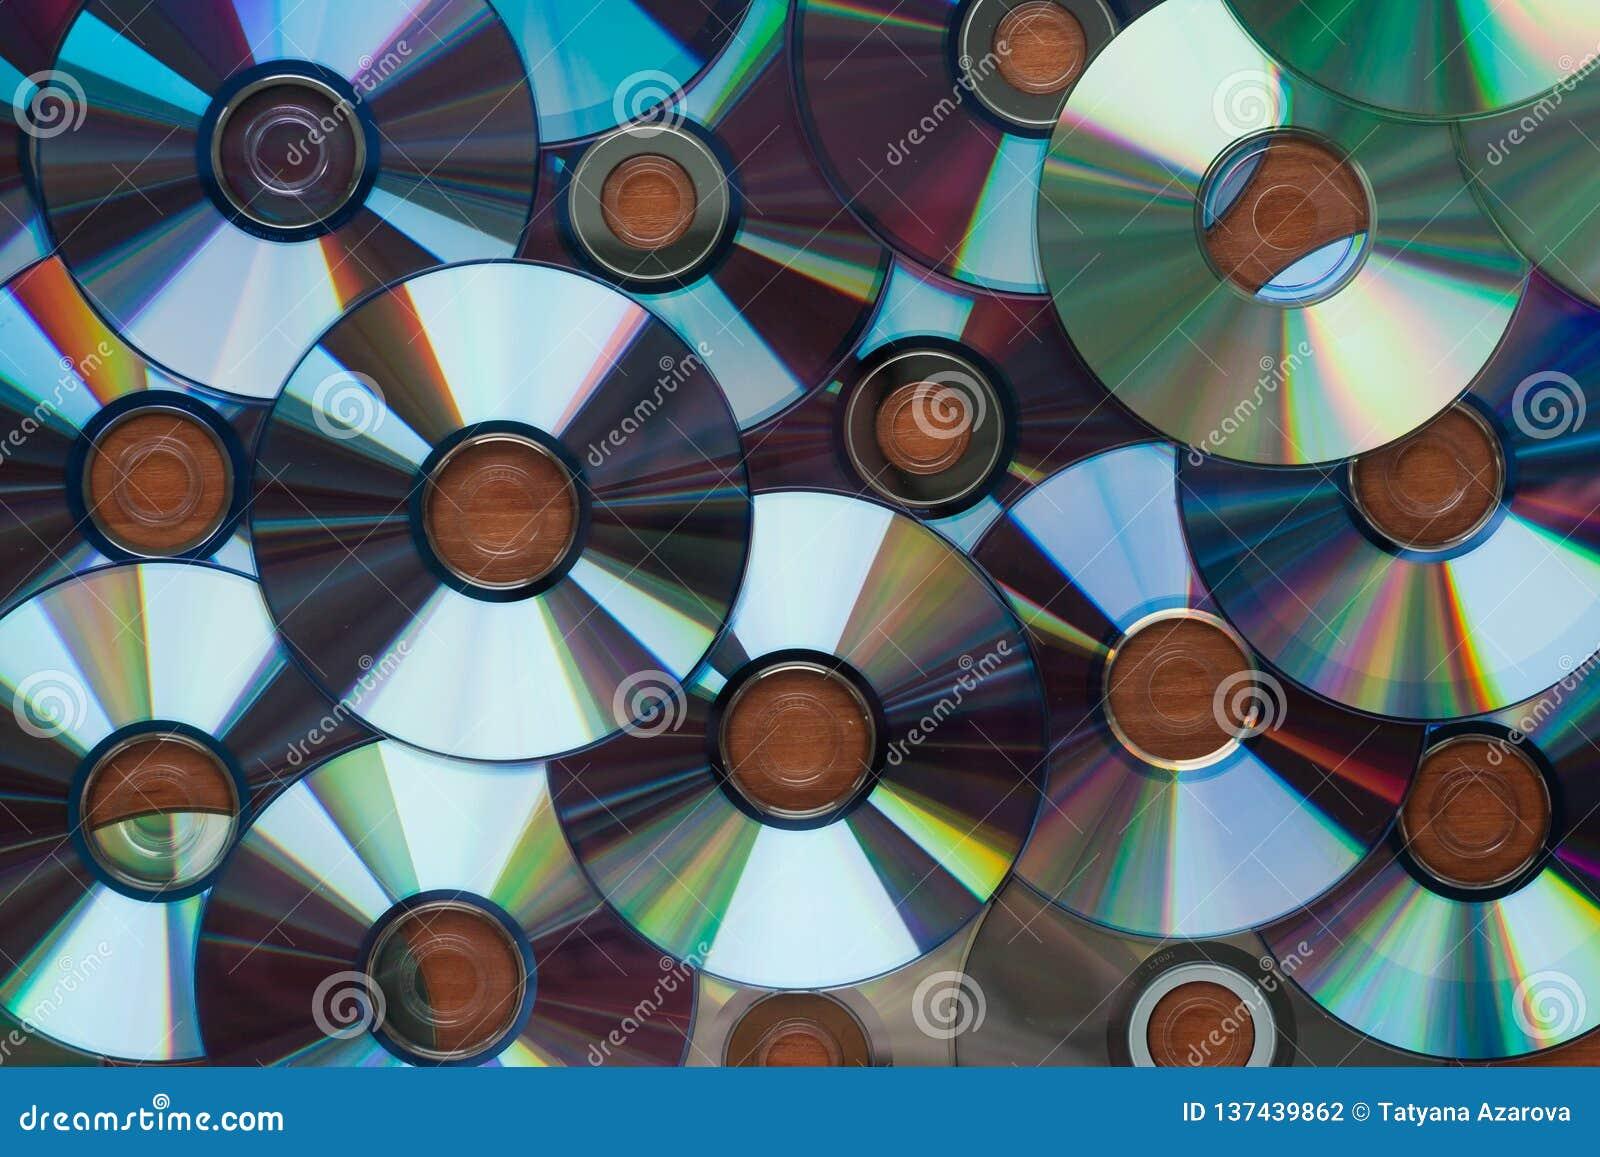 Много диски CD компьютера отражая на деревянной поверхности, предпосылке, текстуре